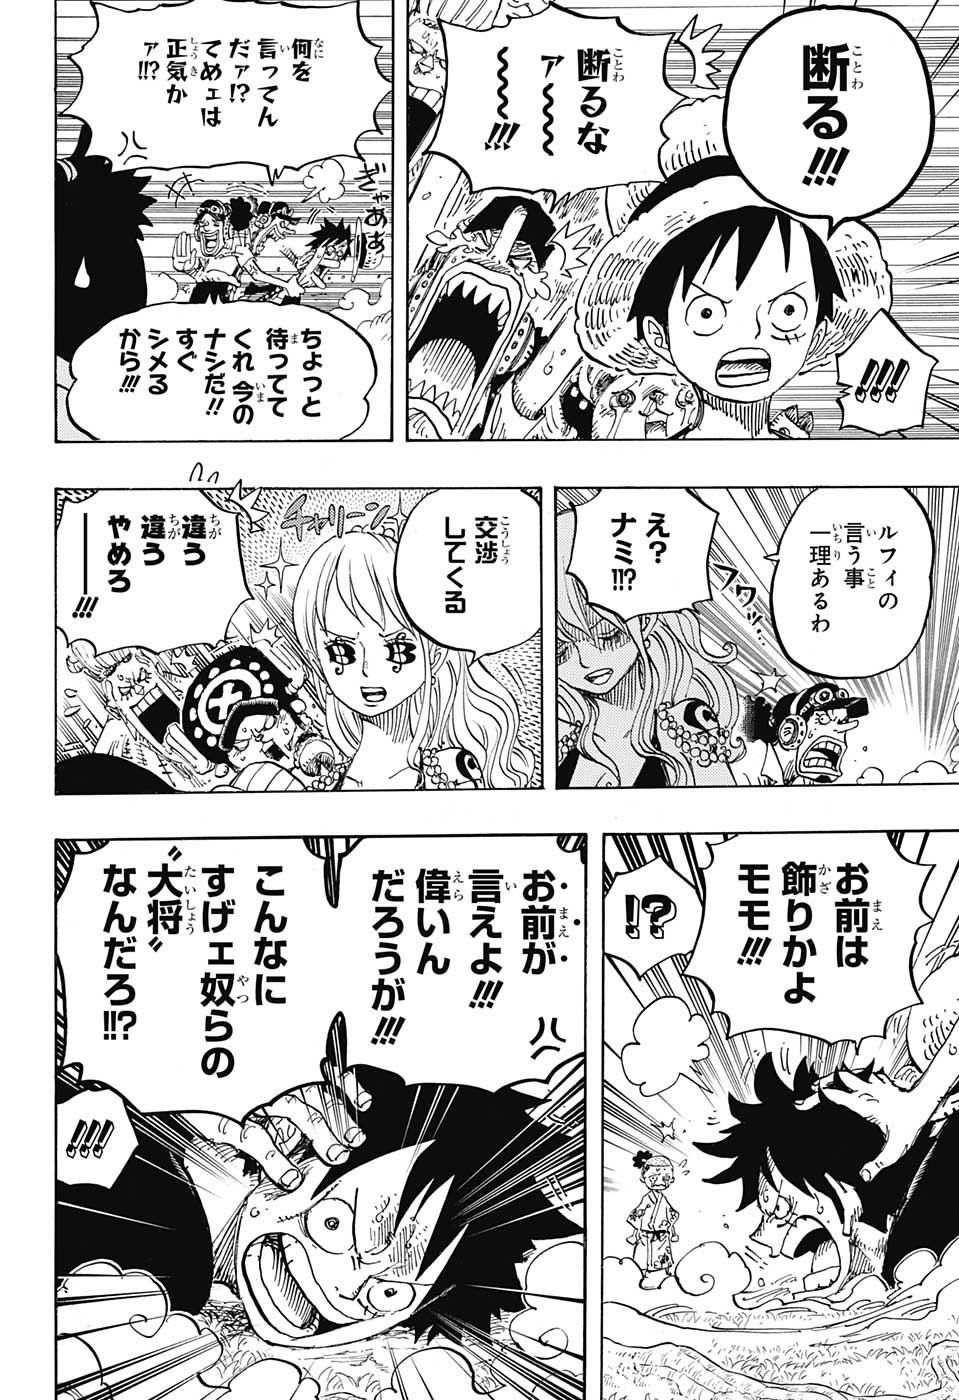 ワンピース chapter 819 page 8 one piece chapter one piece anime